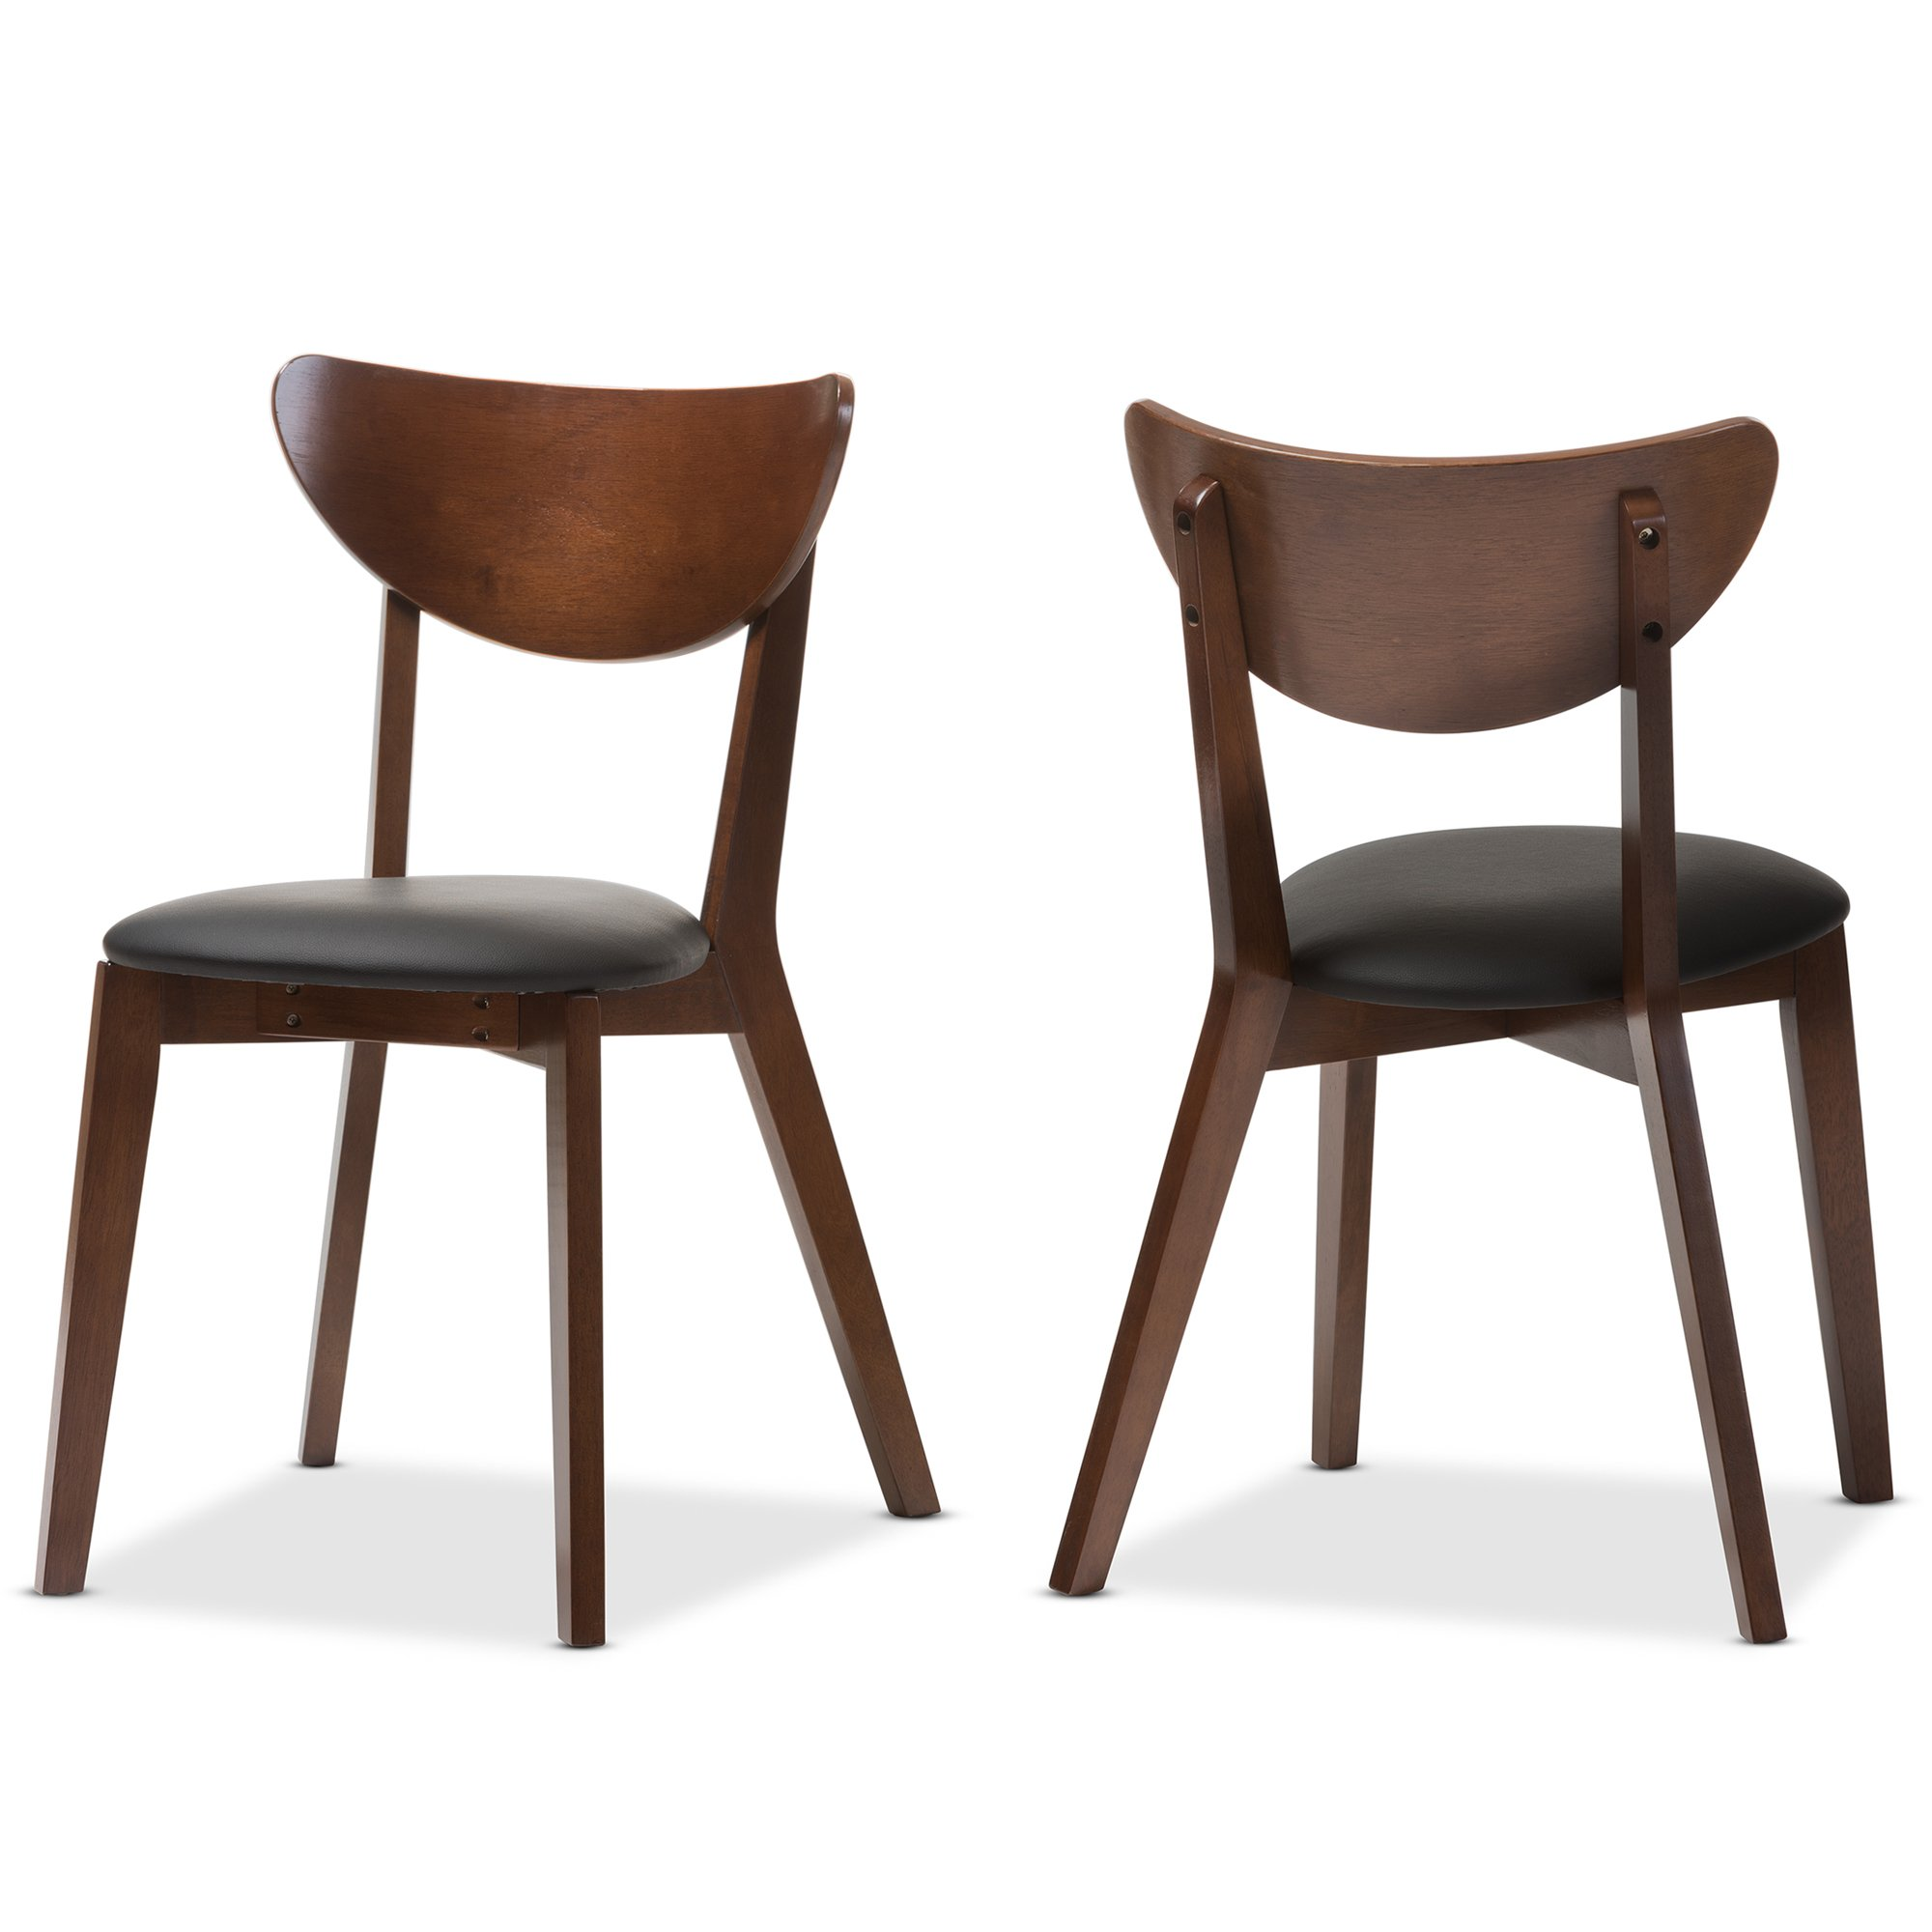 Baxton Studio Desta Mid-Century Walnut Brown Dining Chair (Set of 2), Black/Walnut Brown by Baxton Studio